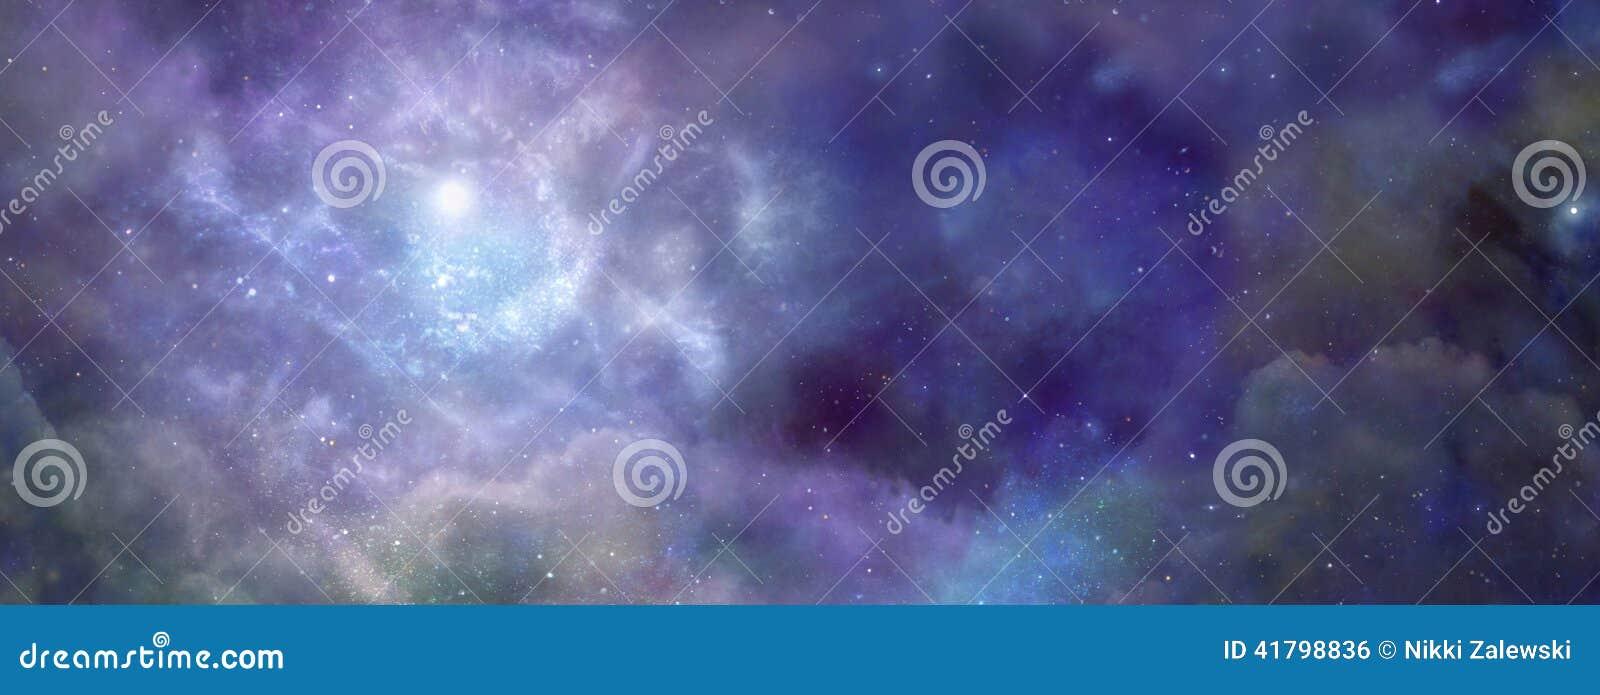 Межзвёздное облако в космическом пространстве